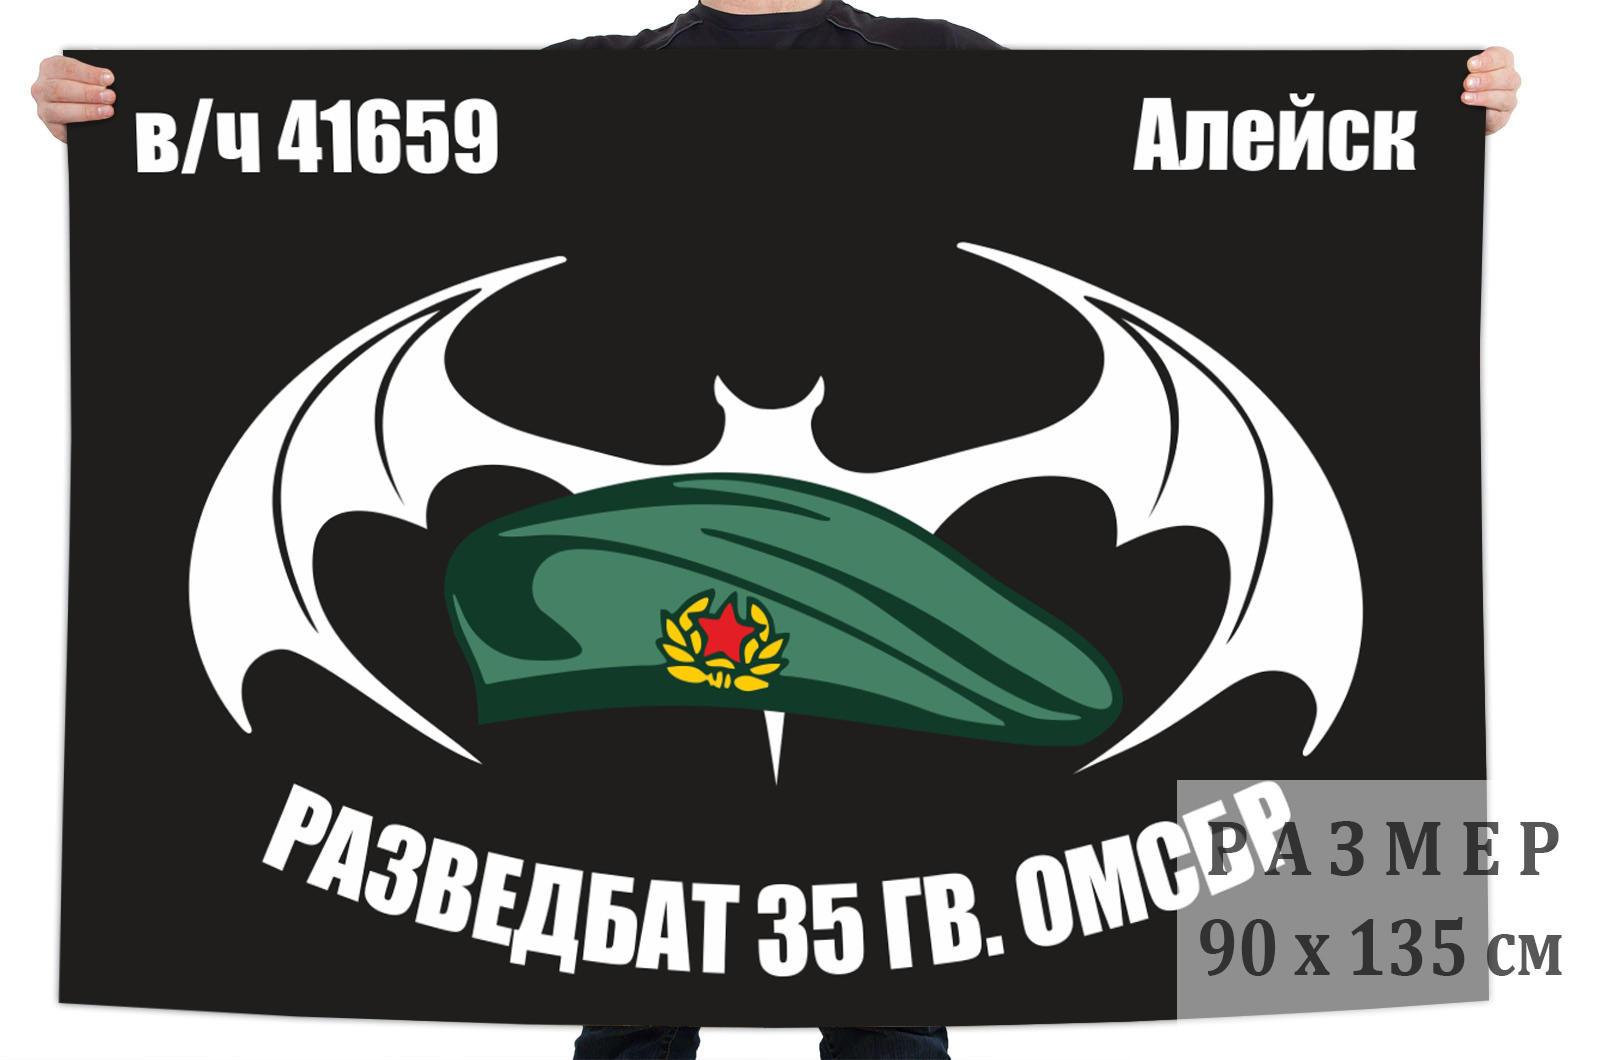 Флаг Разведбата 35 Гв. ОМСБр